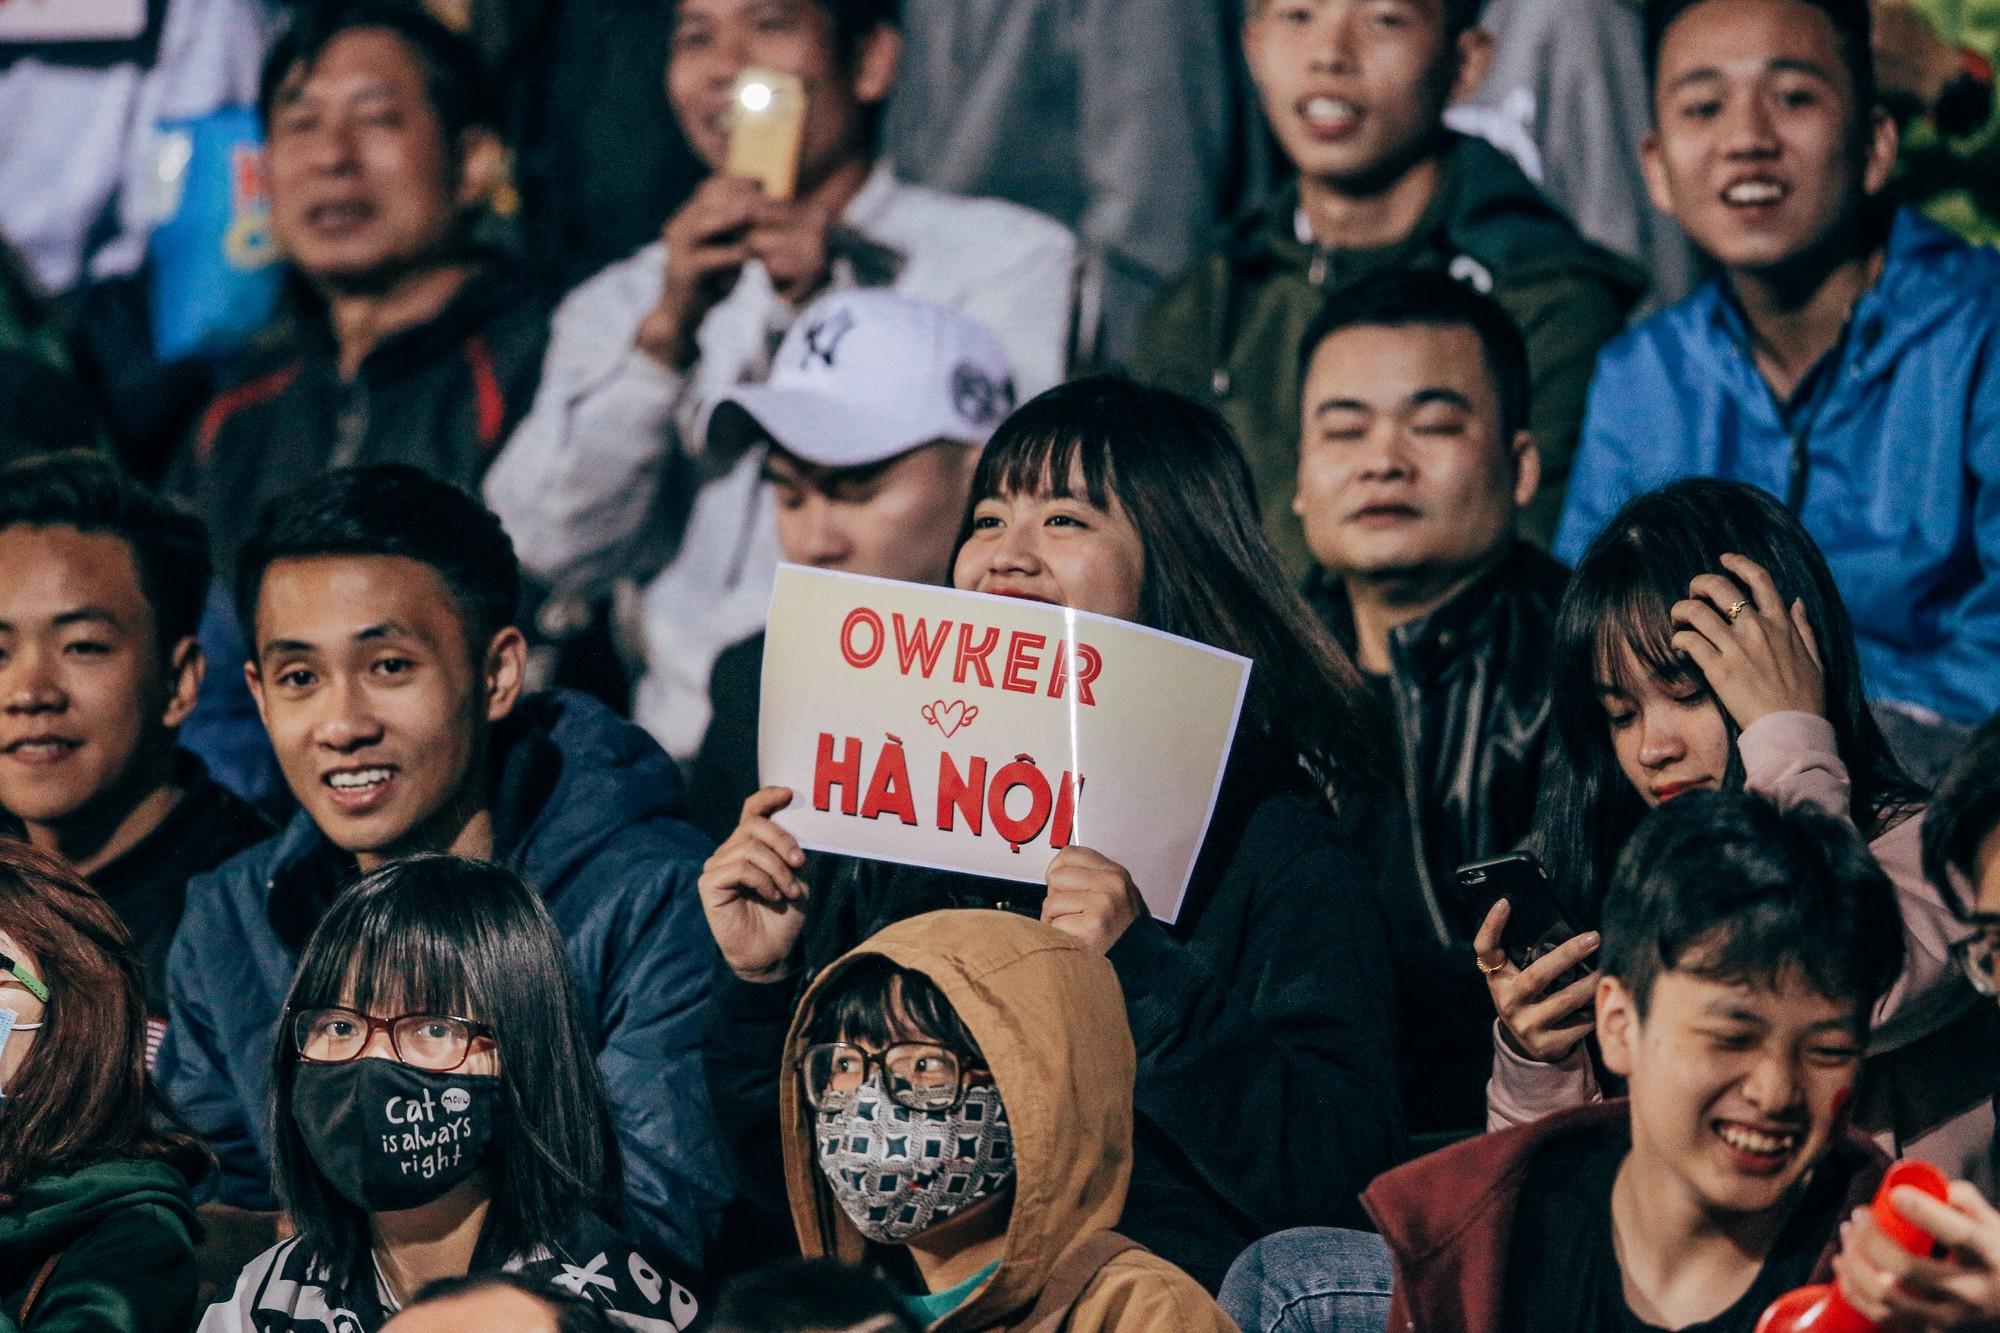 """Từ những cô nàng chẳng biết gì về bóng đá, đến """"Fandom quốc dân"""" dễ thương nhất, văn minh nhất của U23 Việt Nam - Ảnh 6."""